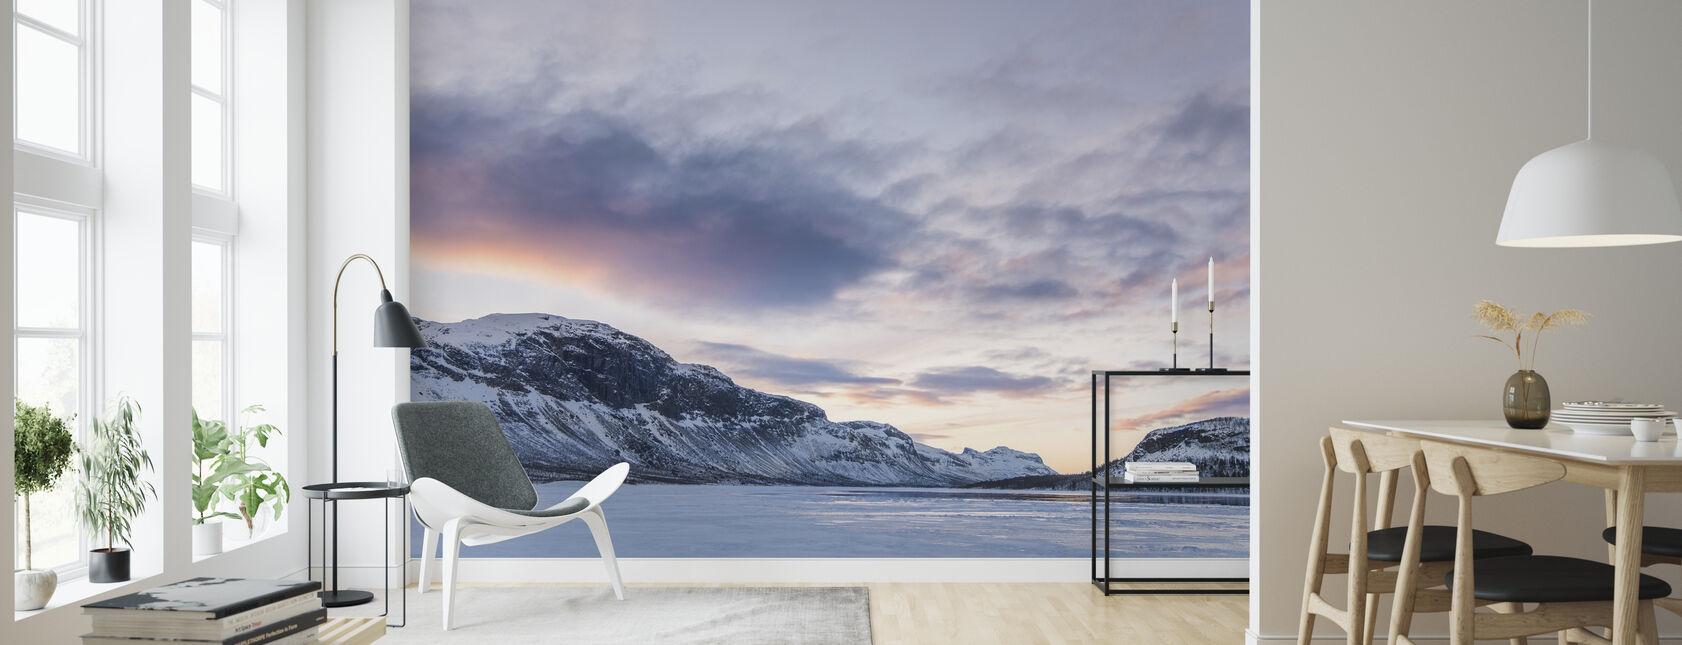 Saltoluokta - Wallpaper - Living Room